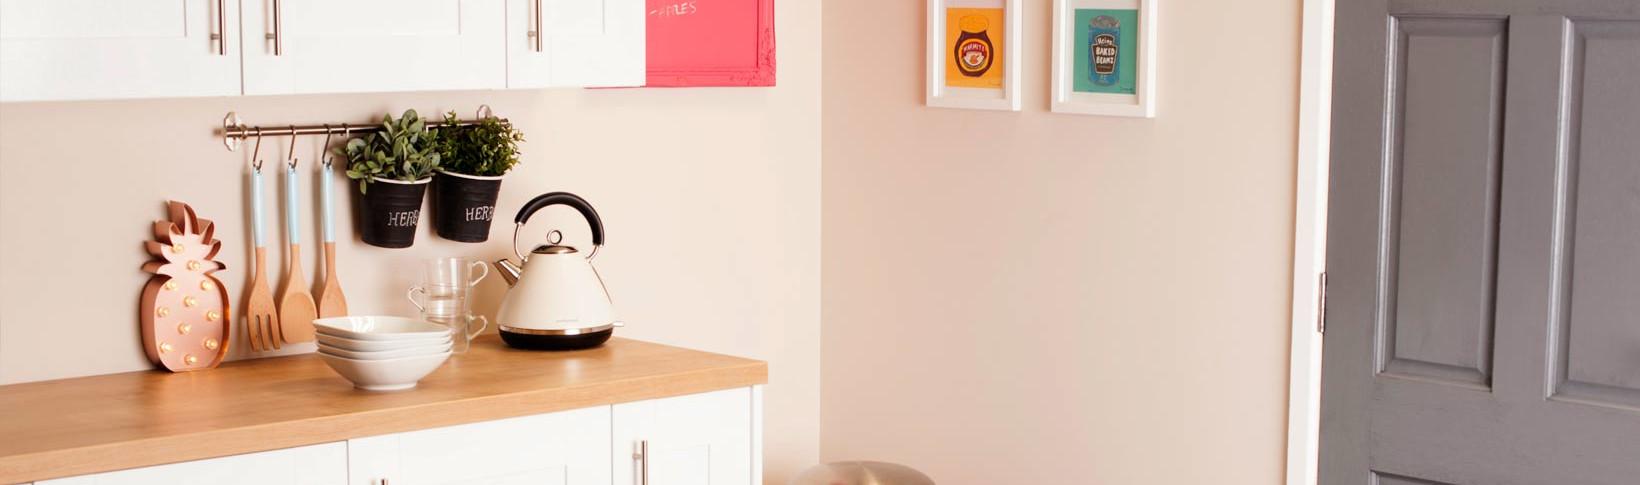 Full Size of Wohntrends Kchen Make Over Rust Oleum Aufbewahrungsbehälter Küche Küchen Regal Wohnzimmer Küchen Aufbewahrungsbehälter